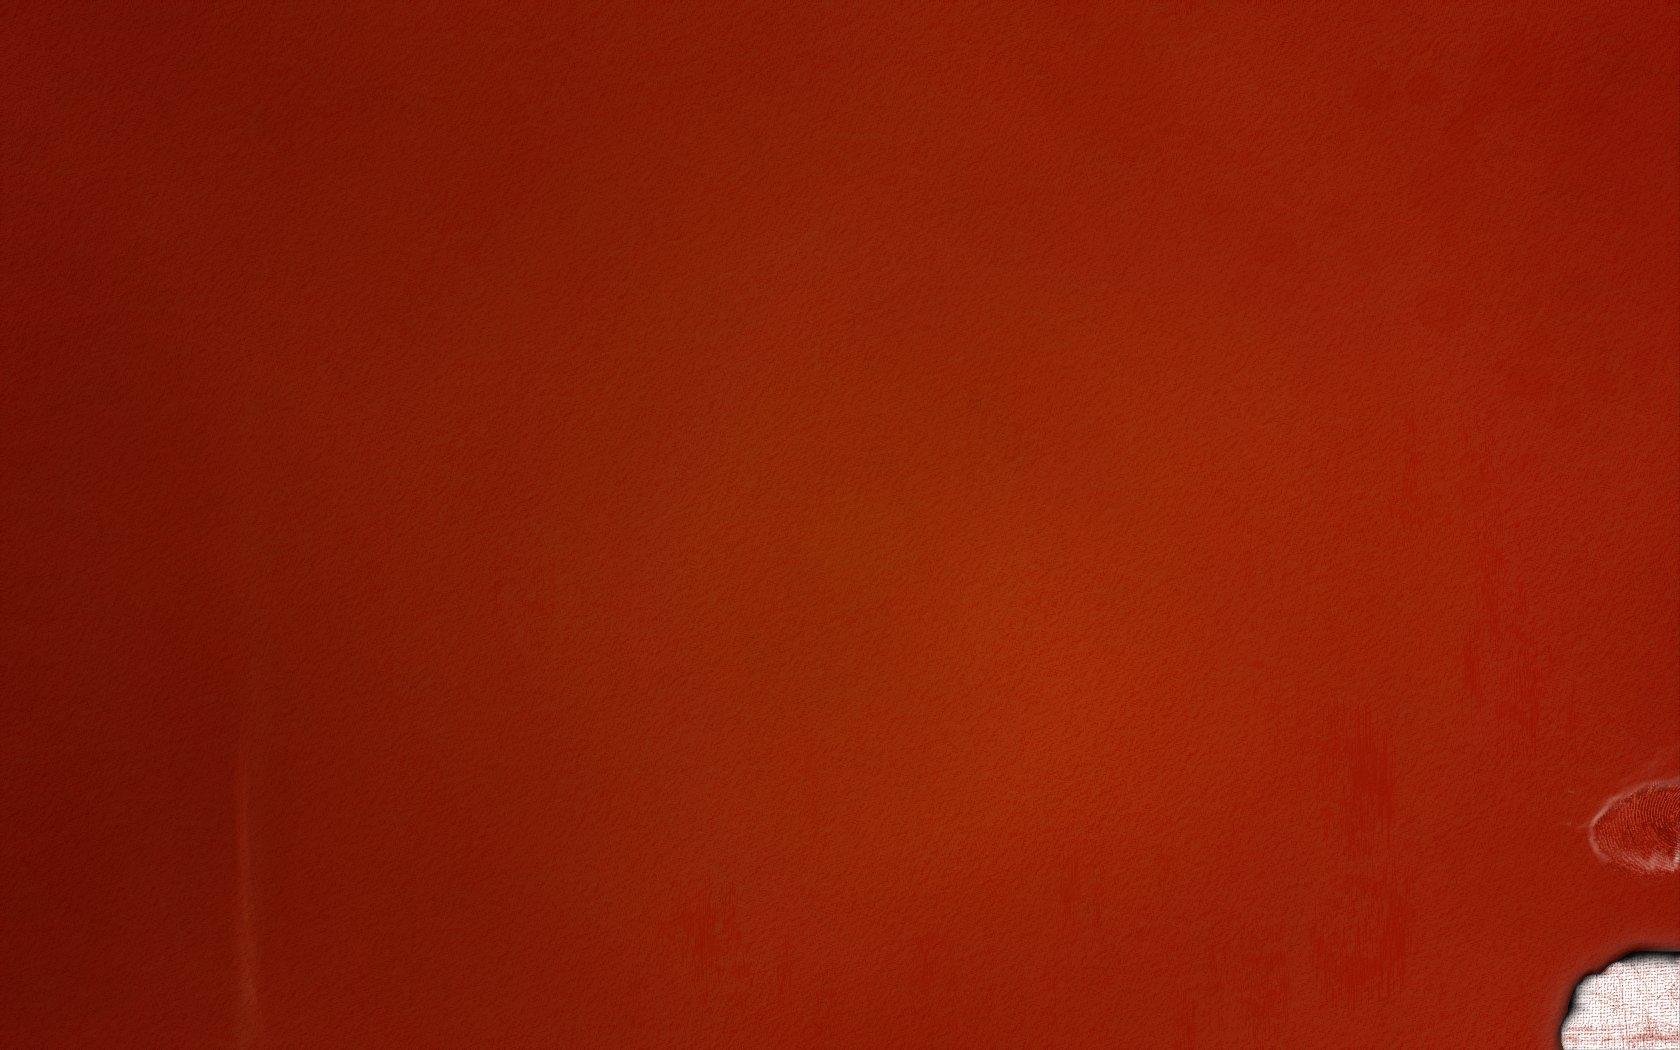 grunge corner orange by 10r